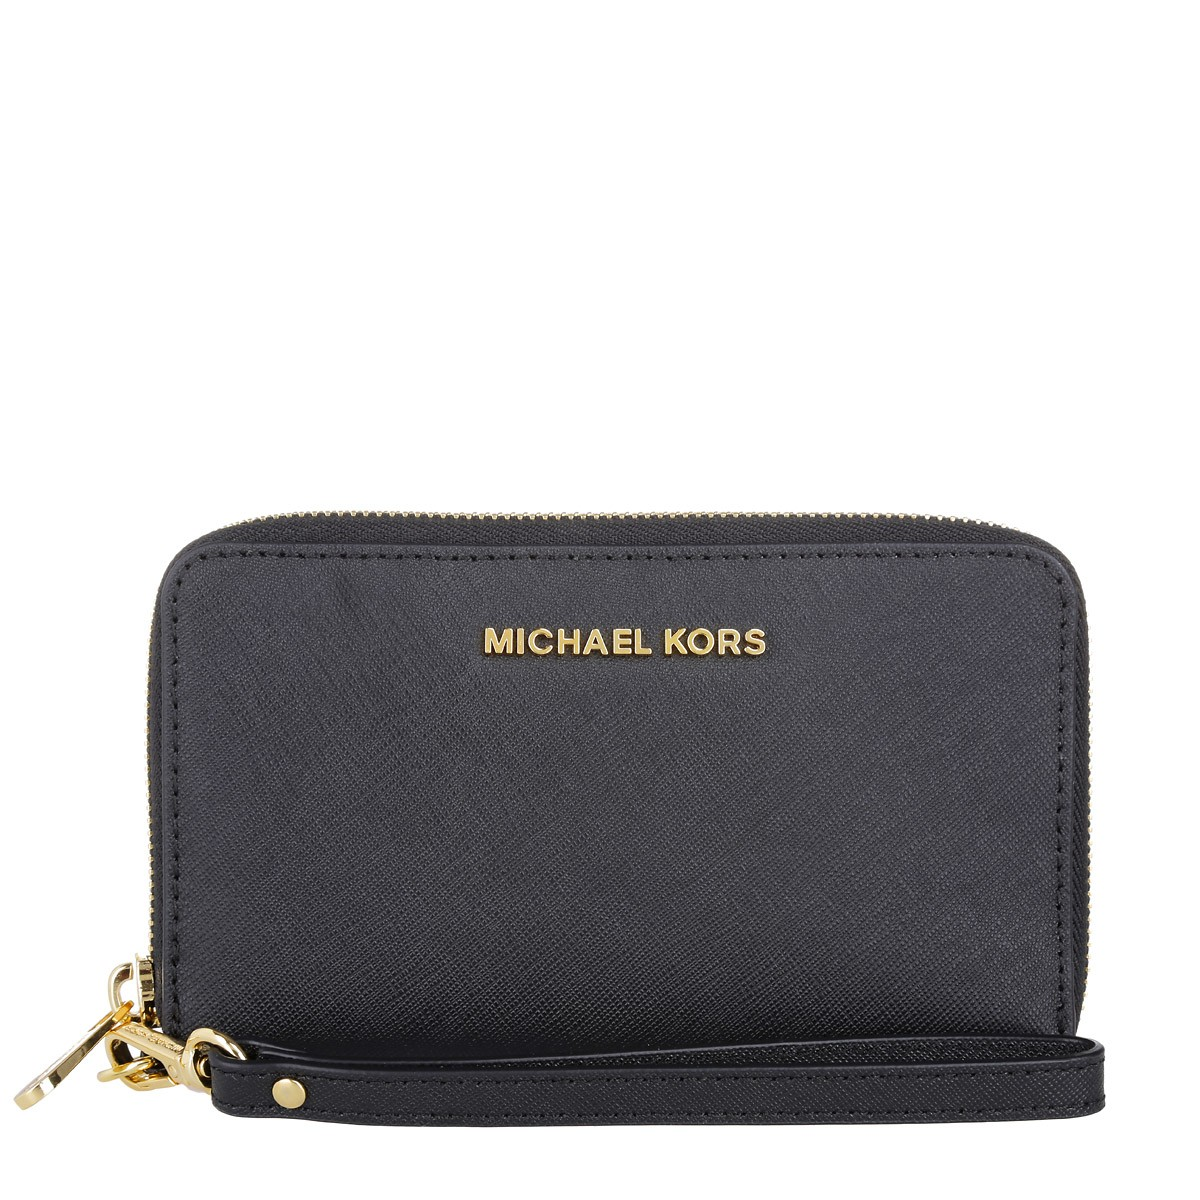 Michael Kors Portemonnaie - Jet Set Travel Large Flat Phone Case Black - in schwarz - für Damen